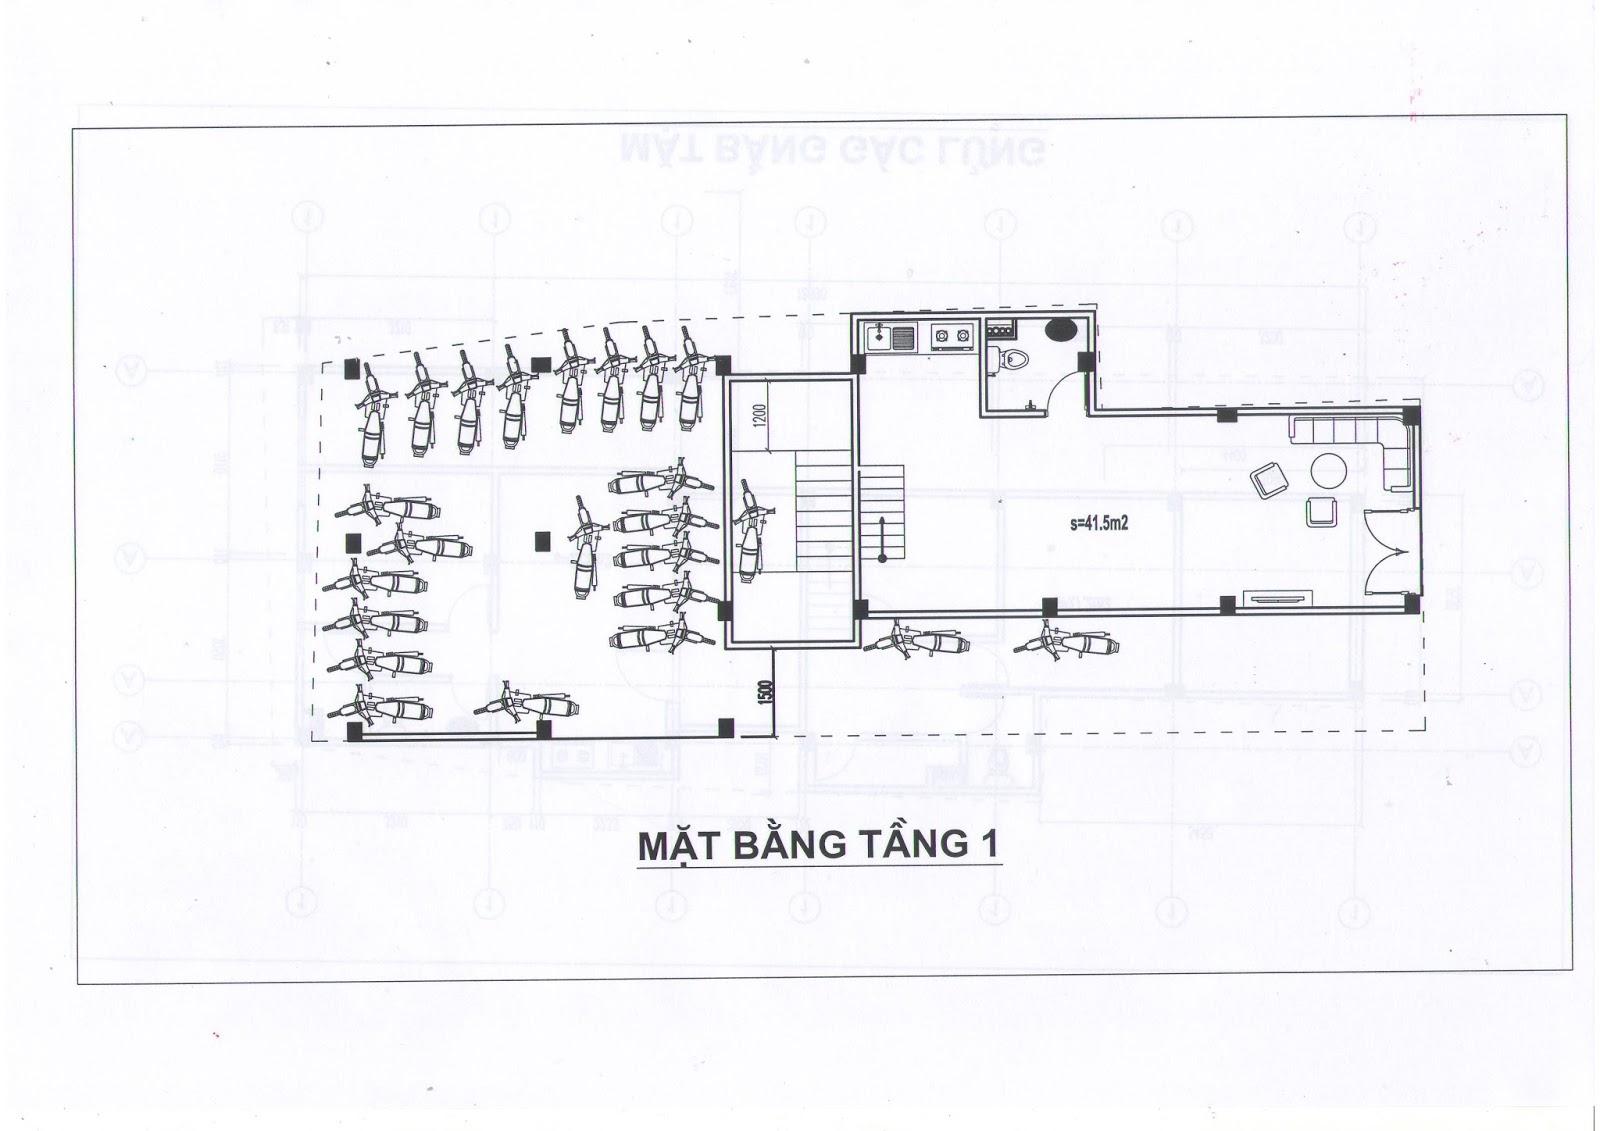 Mặt bằng thiết kế các căn hộ chung cư mini Minh Đại Lộc 2